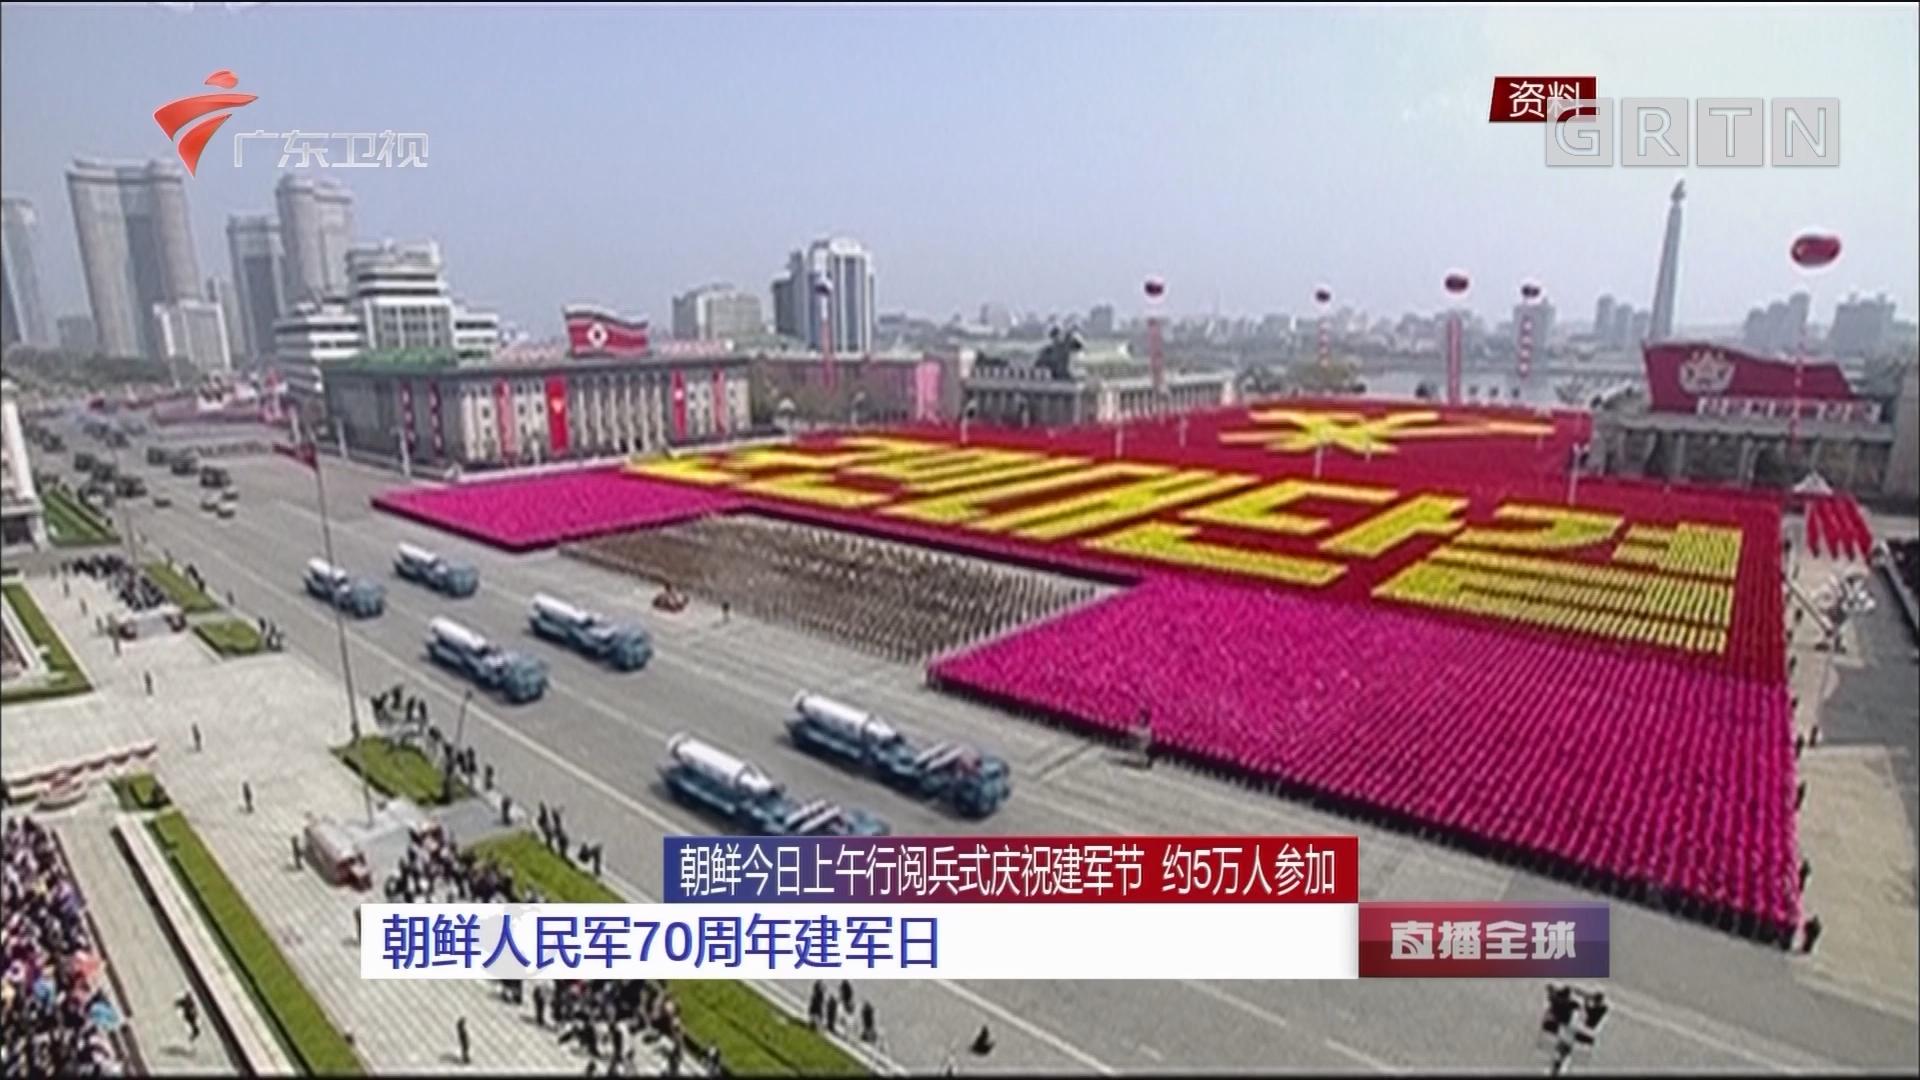 朝鲜今日上午行阅兵式庆祝建军节 约5万人参加:朝鲜人民军70周年建军日